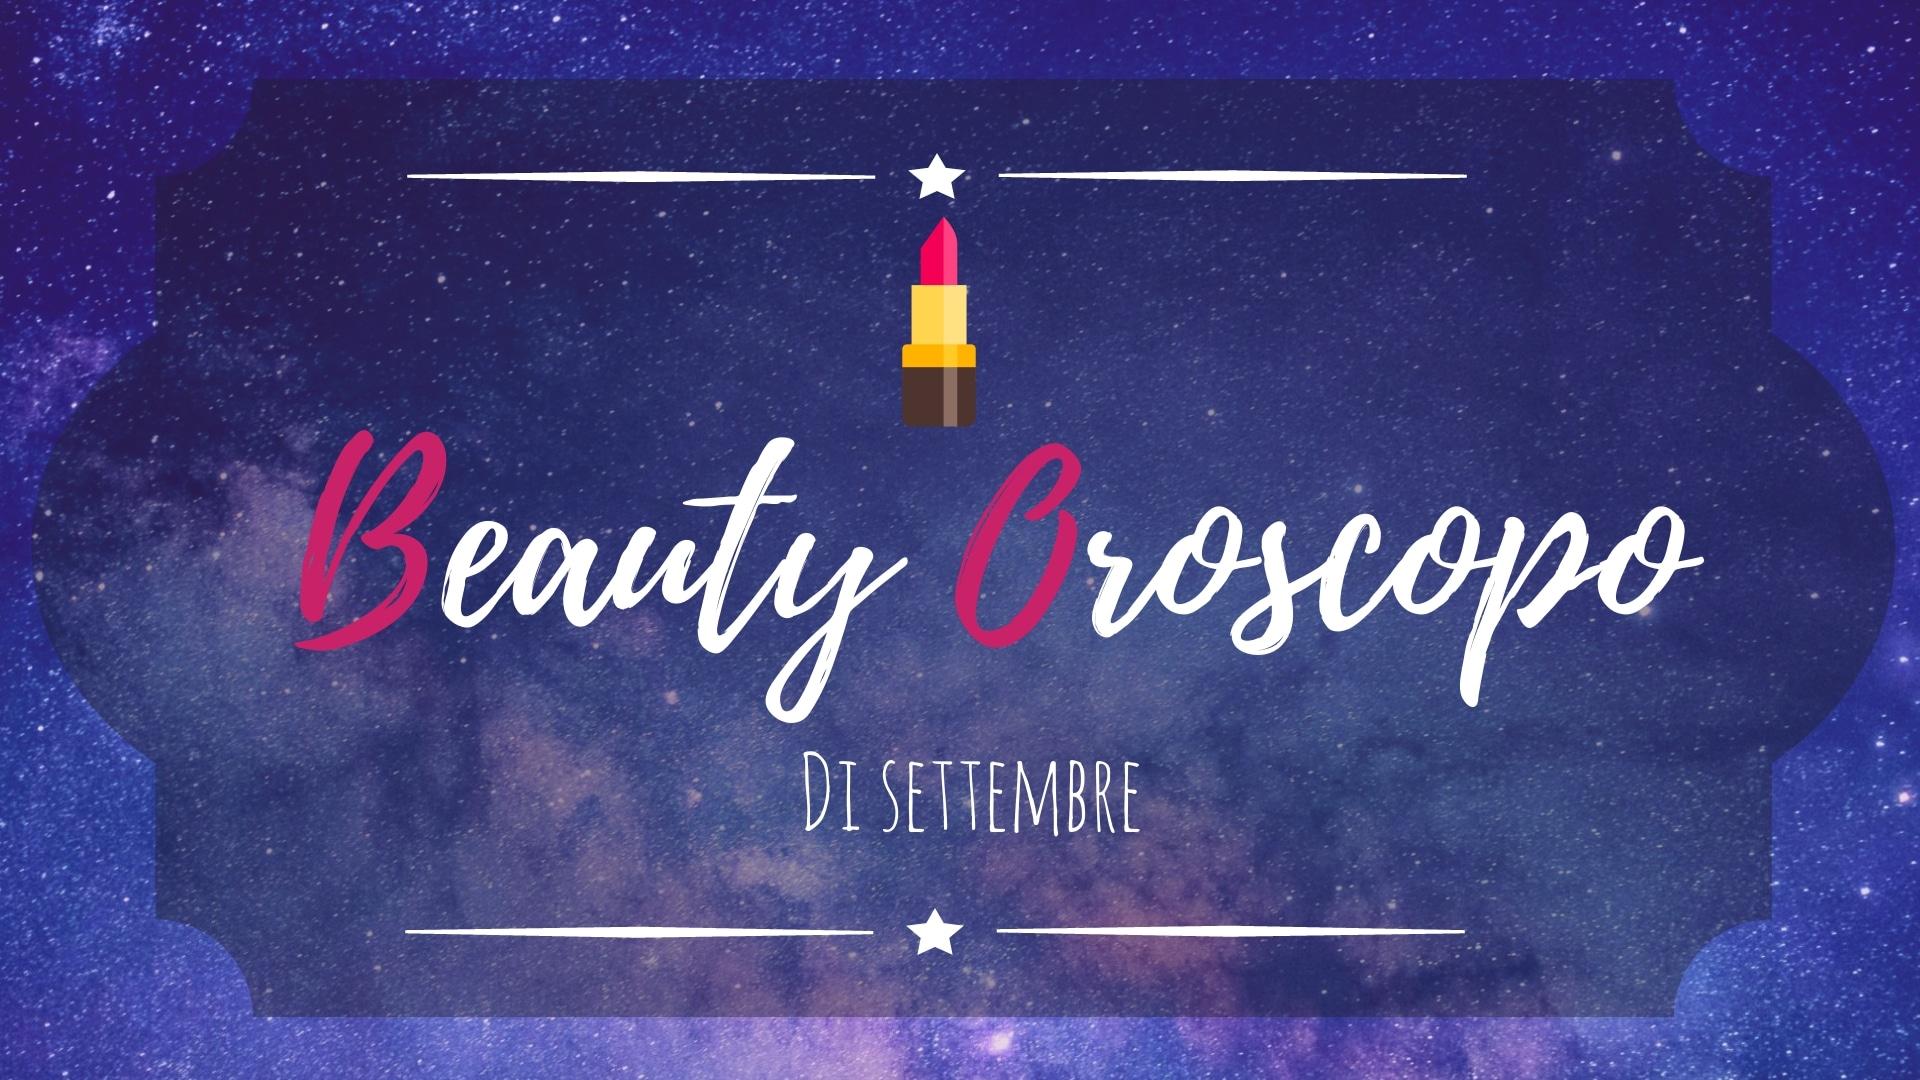 Il Beauty Oroscopo di settembre